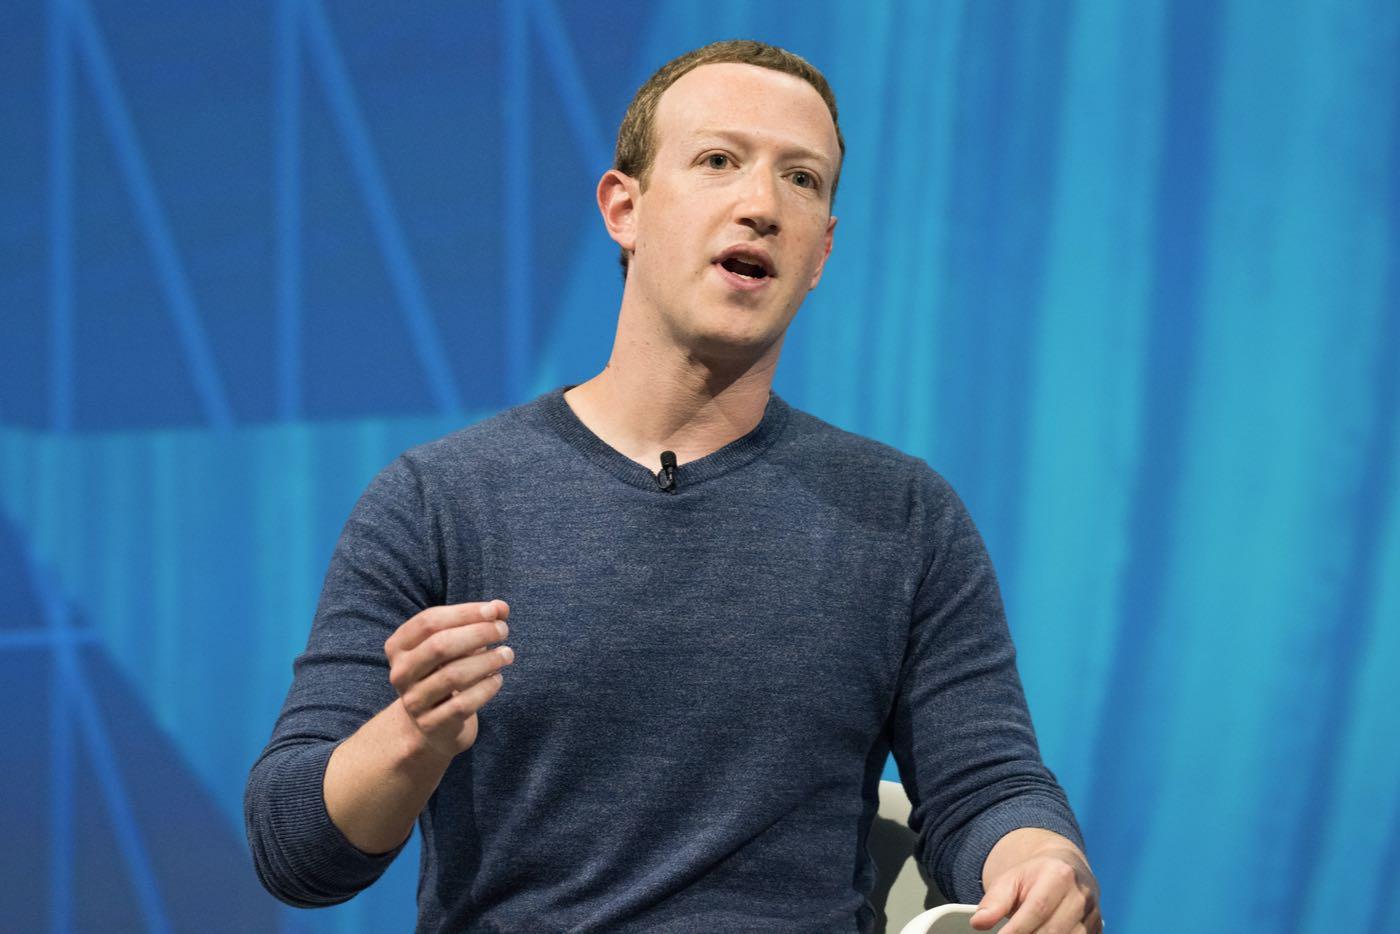 La fortuna de Mark Zuckerberg supera los 100 mil millones de dólares.